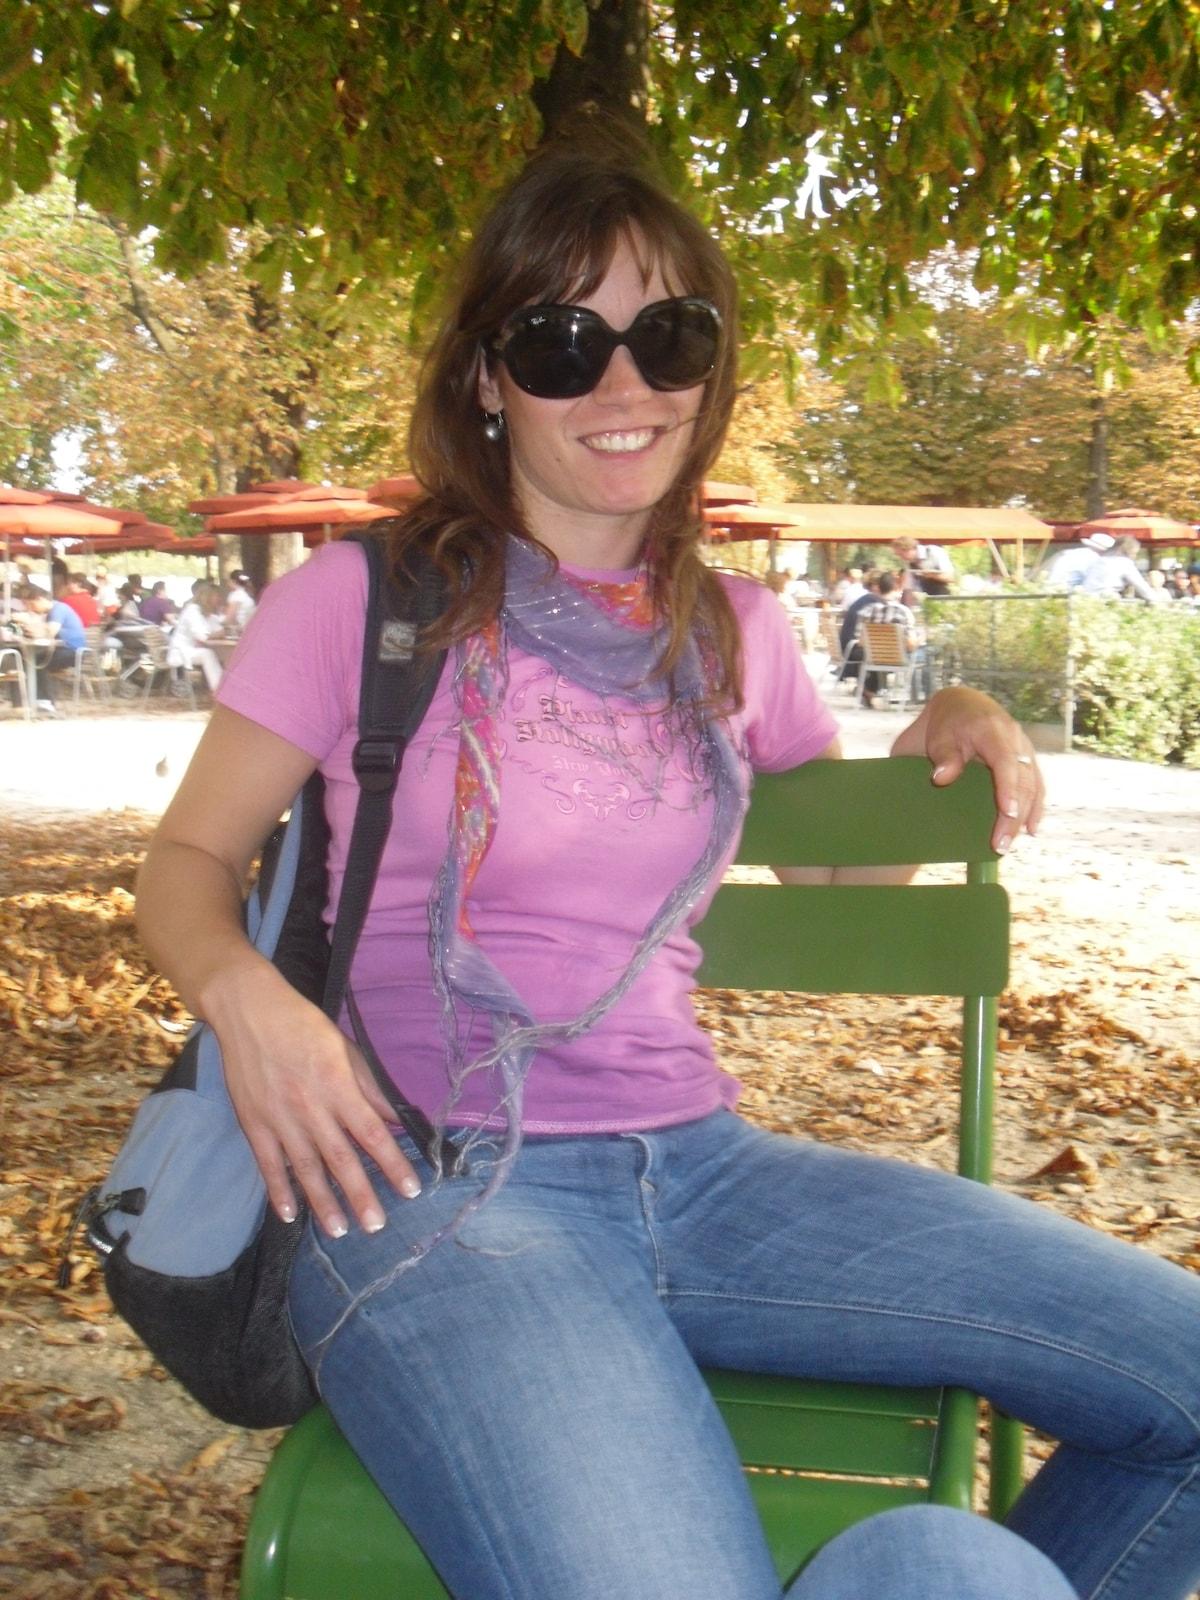 Olga from Odemira